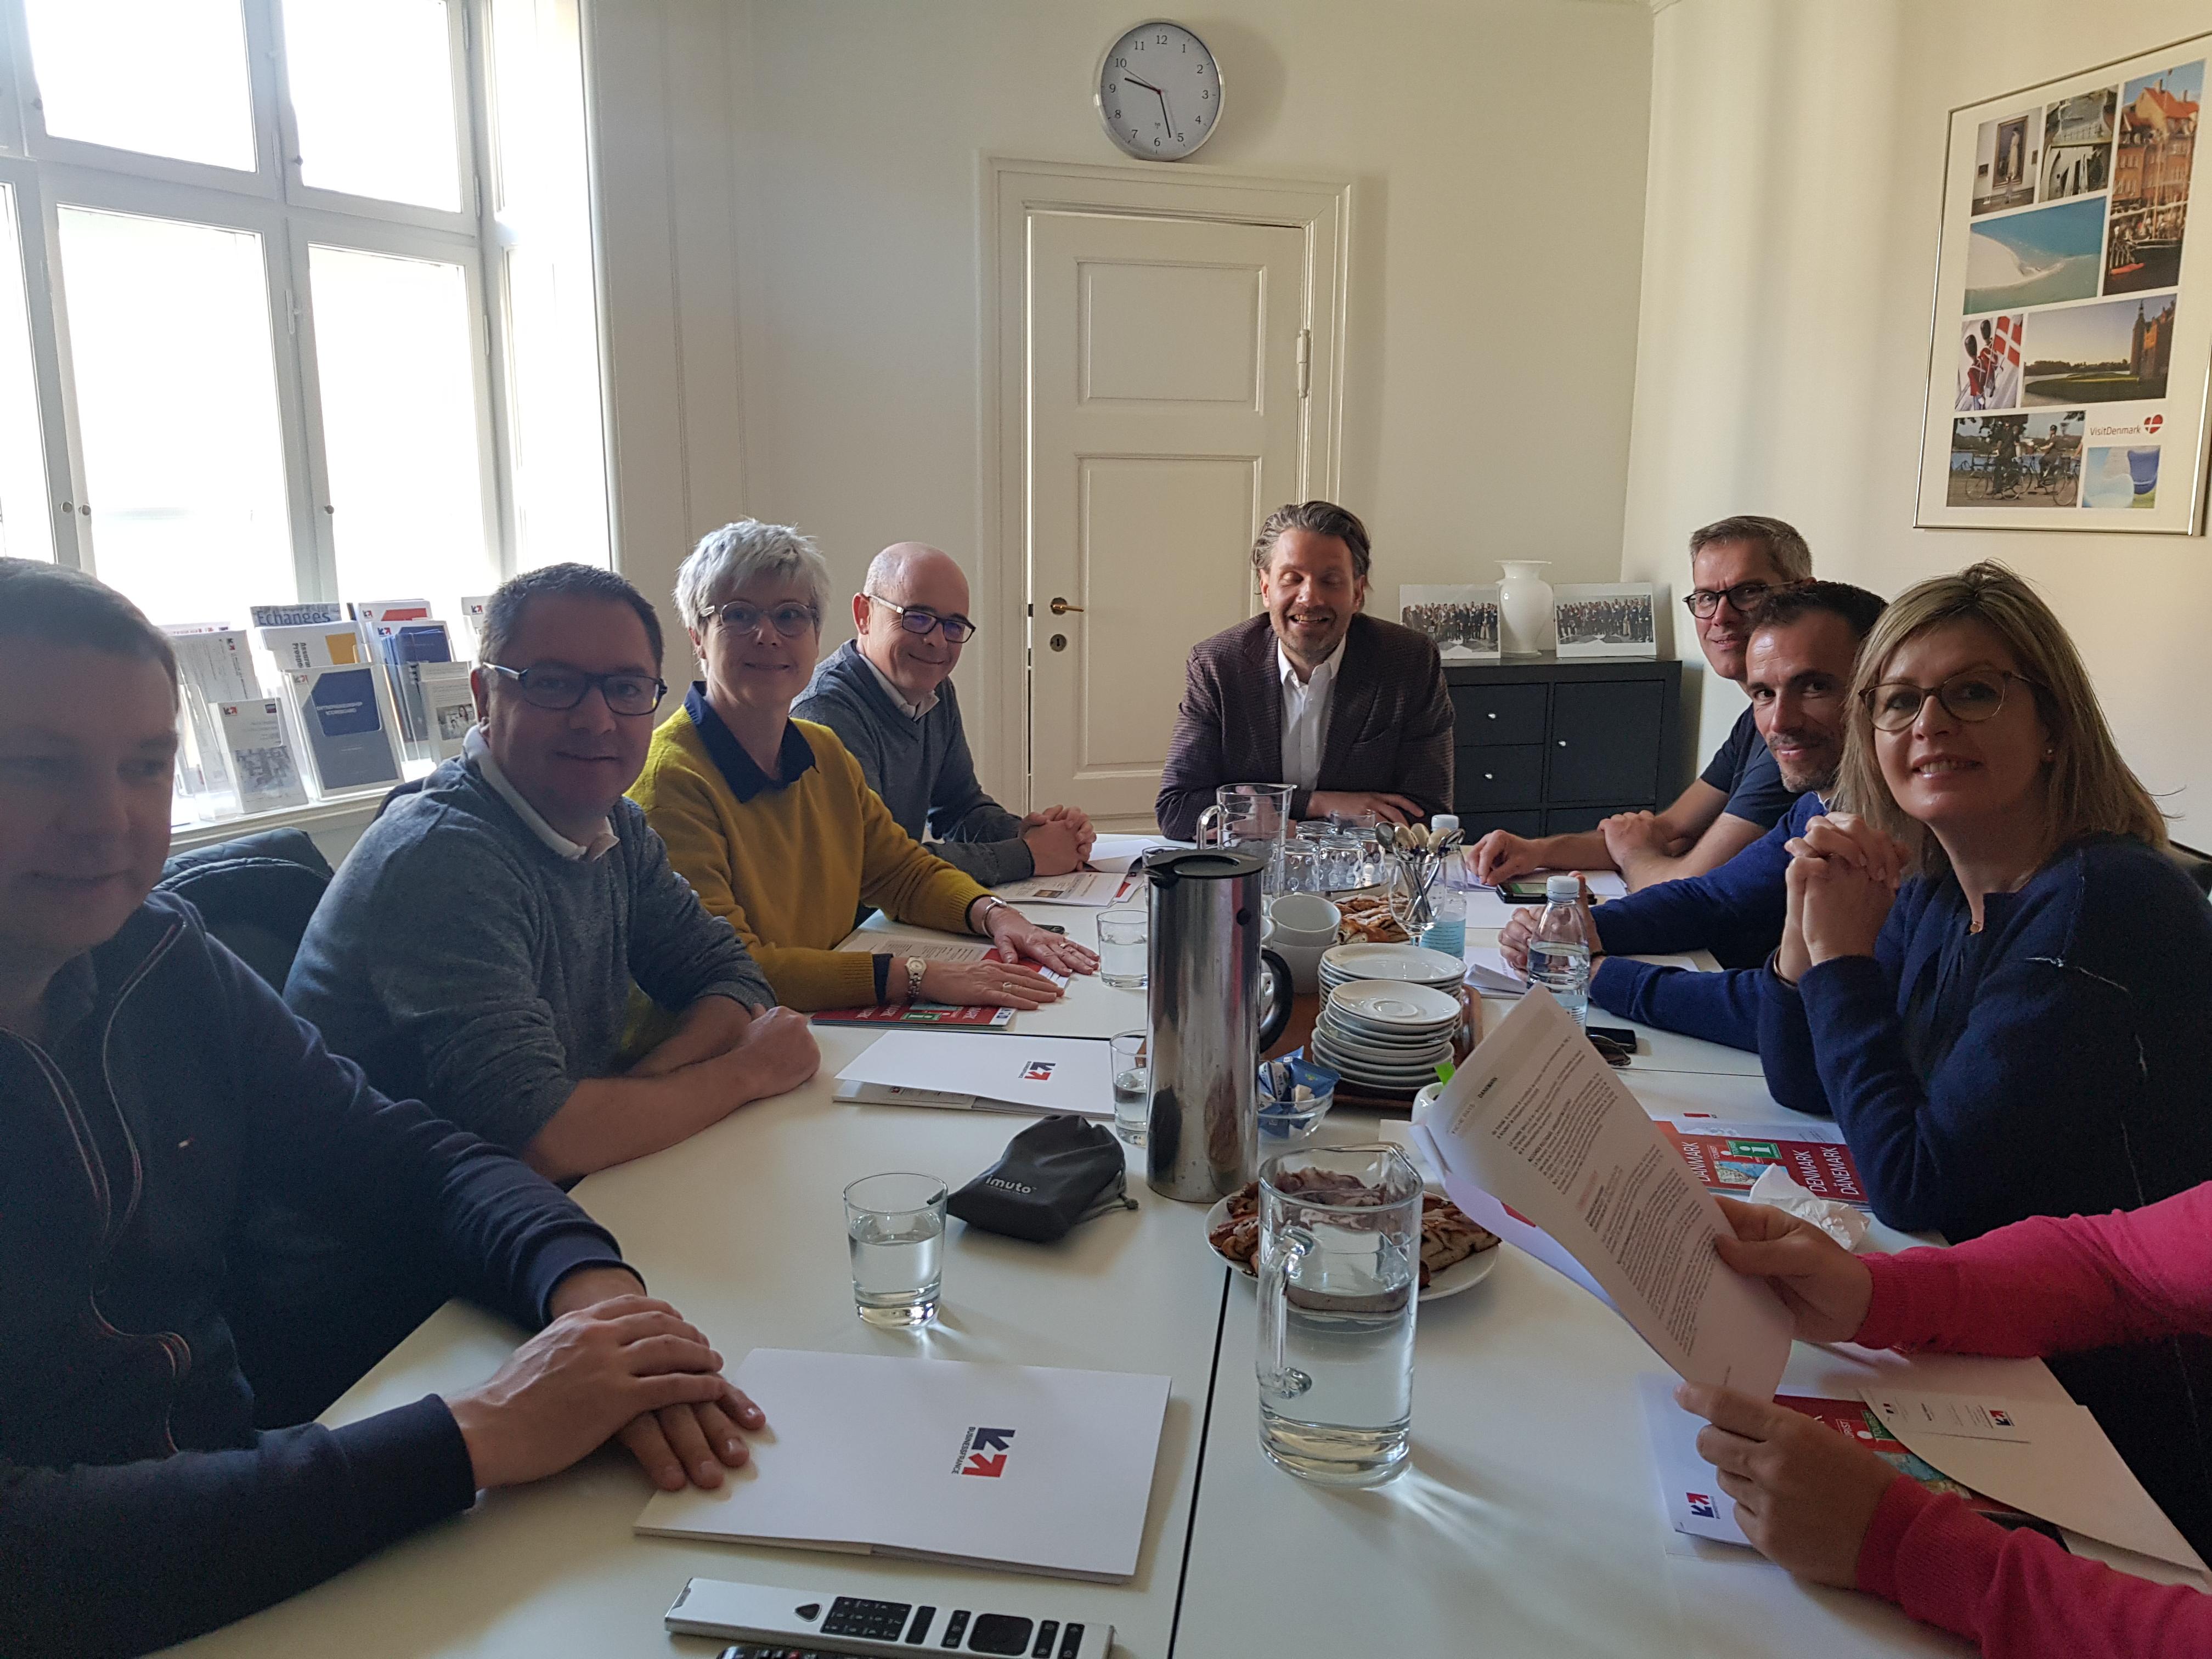 Les représentants de MV Group dans les locaux de Business France